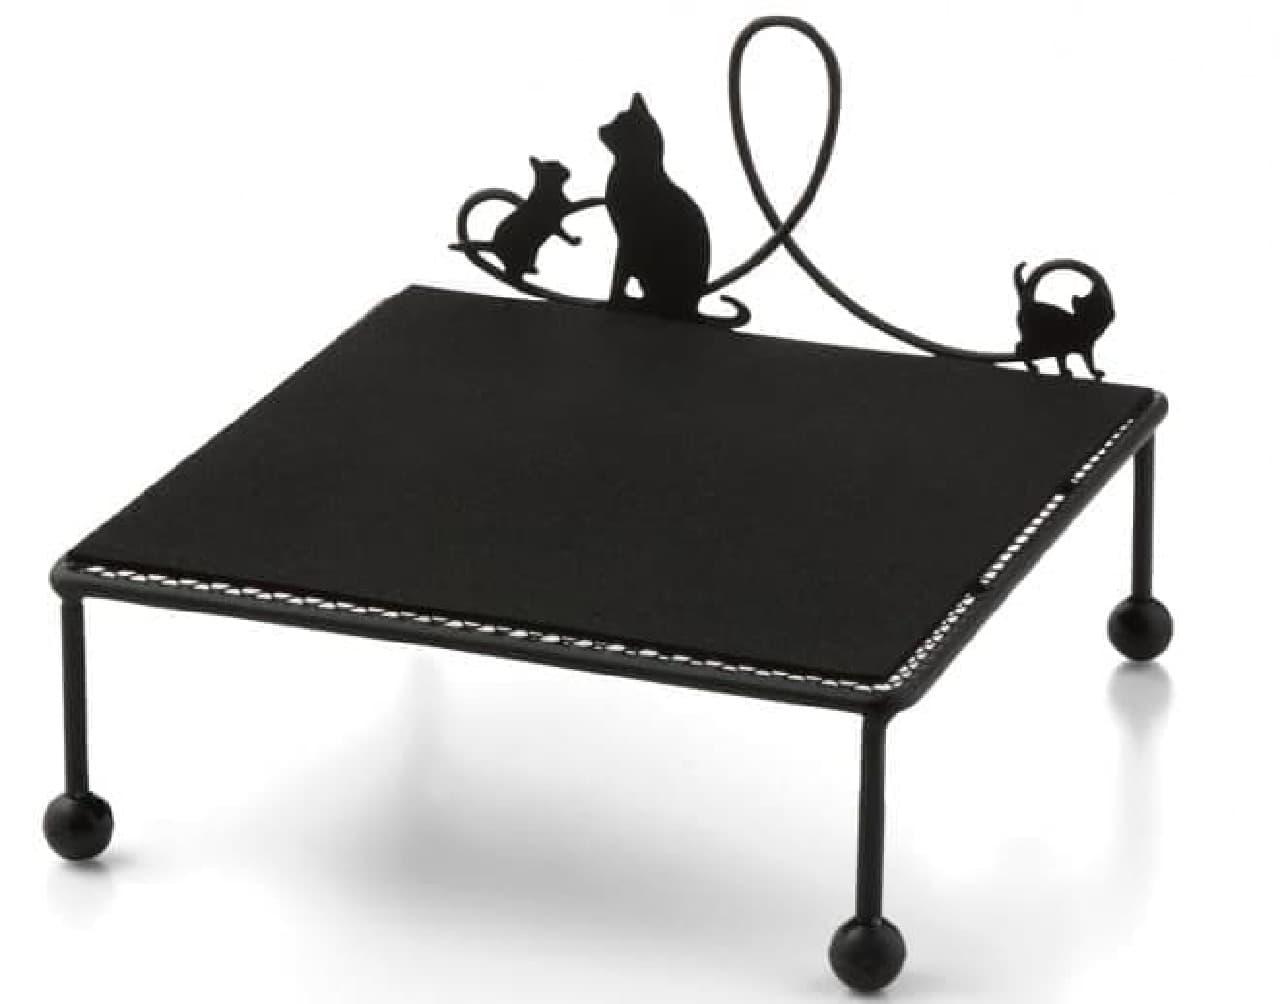 ネコさん用のごはん台「猫のためのニャンテーブル」